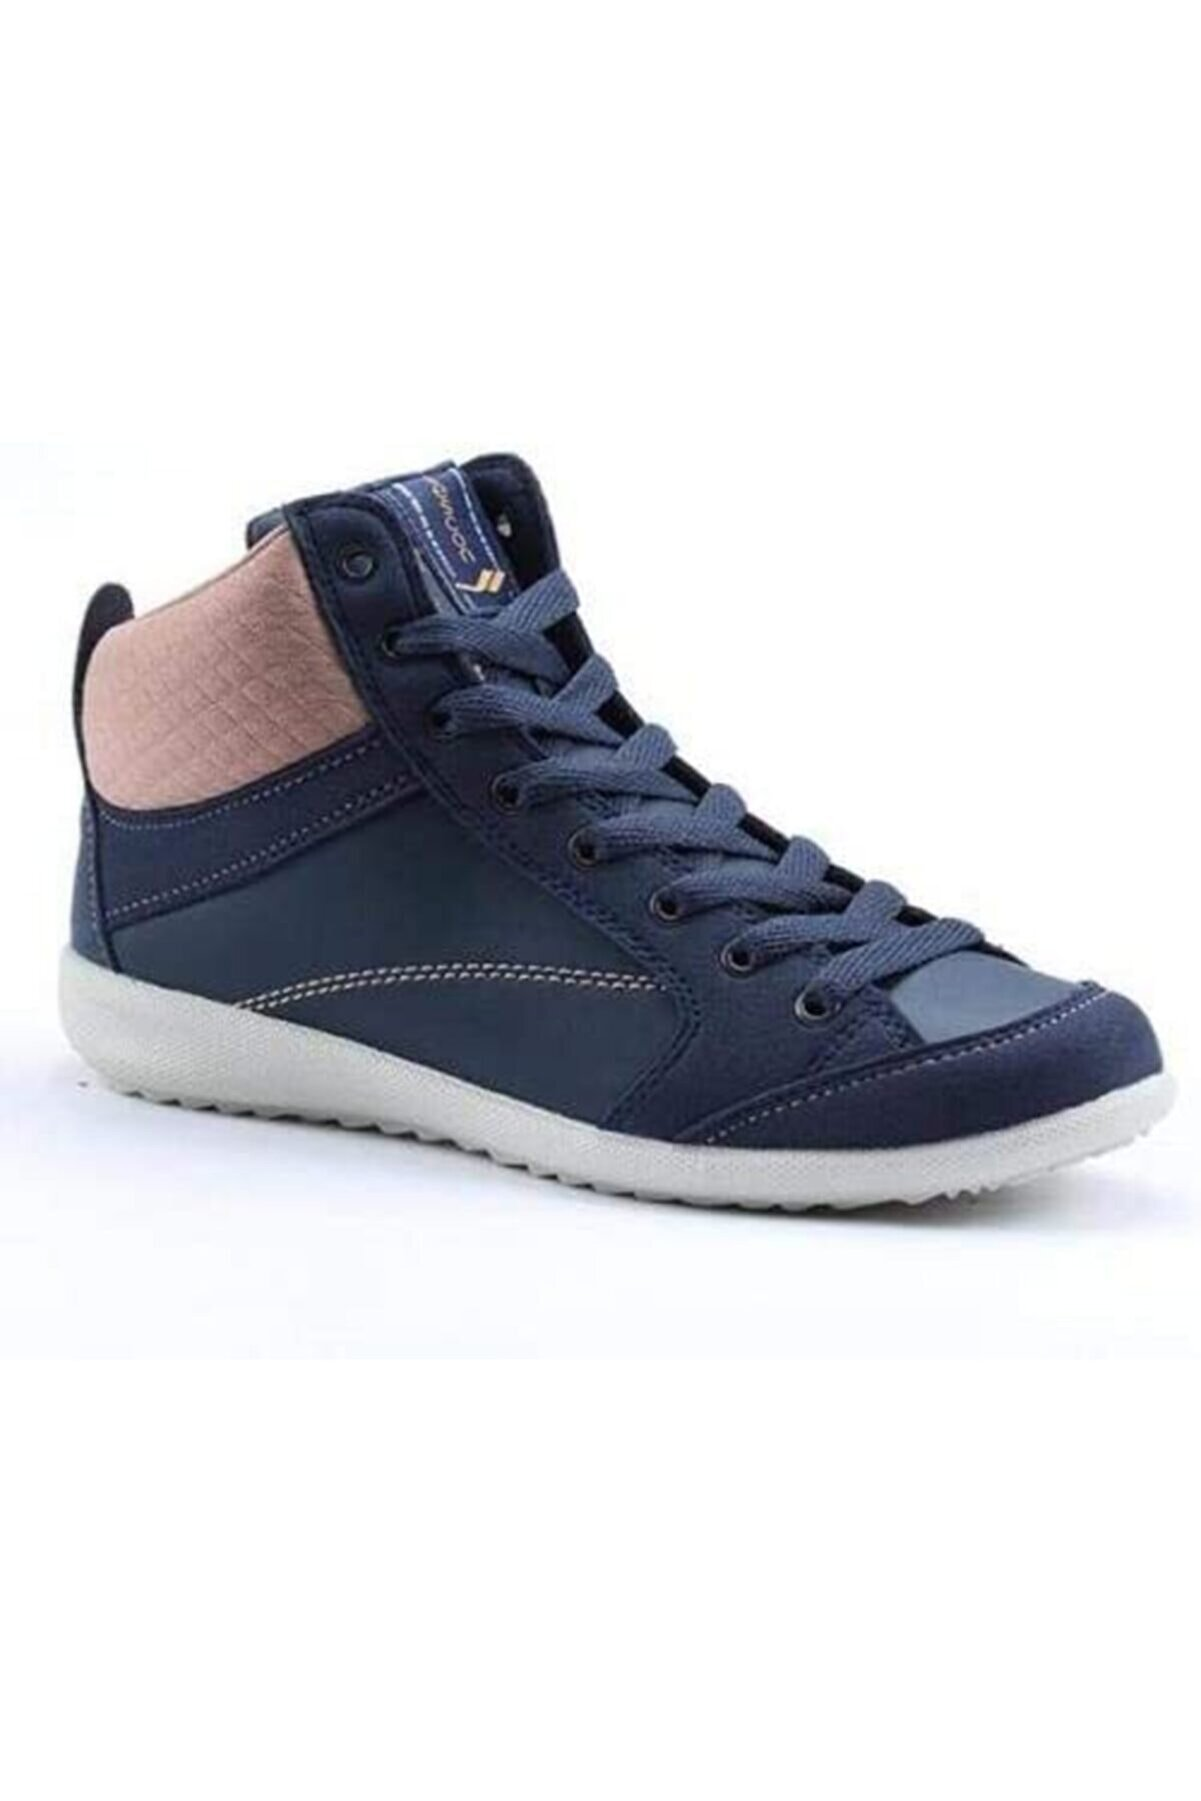 Lescon Kadın Lıfestyle Günlük Ayakkabı L-3131 L-3131 Lıfestyle